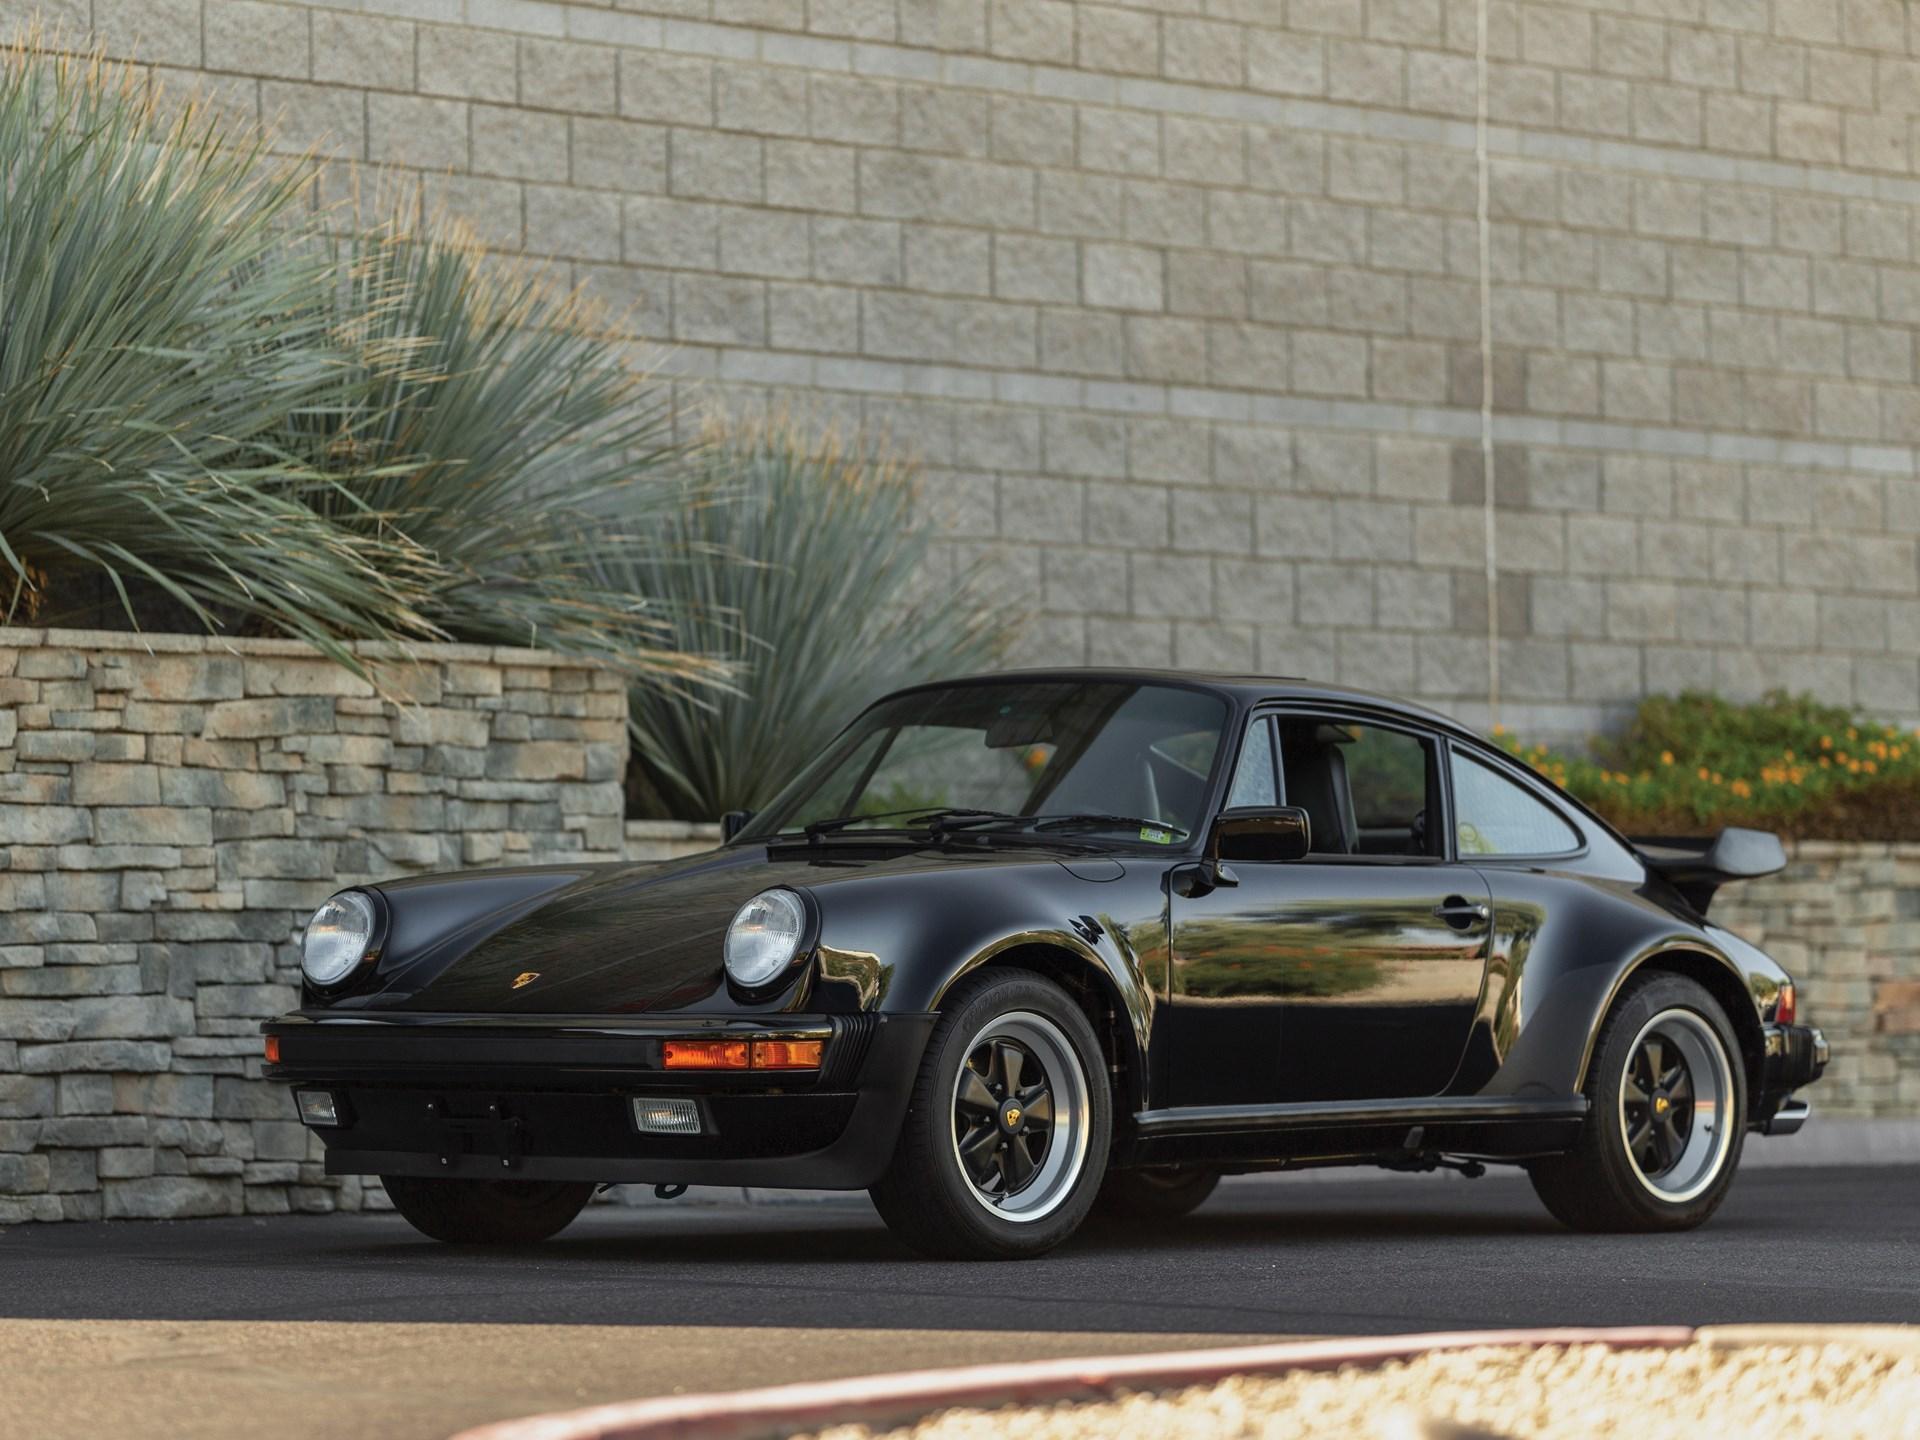 RM Sotheby's - 1989 Porsche 911 Turbo Coupe | The Porsche